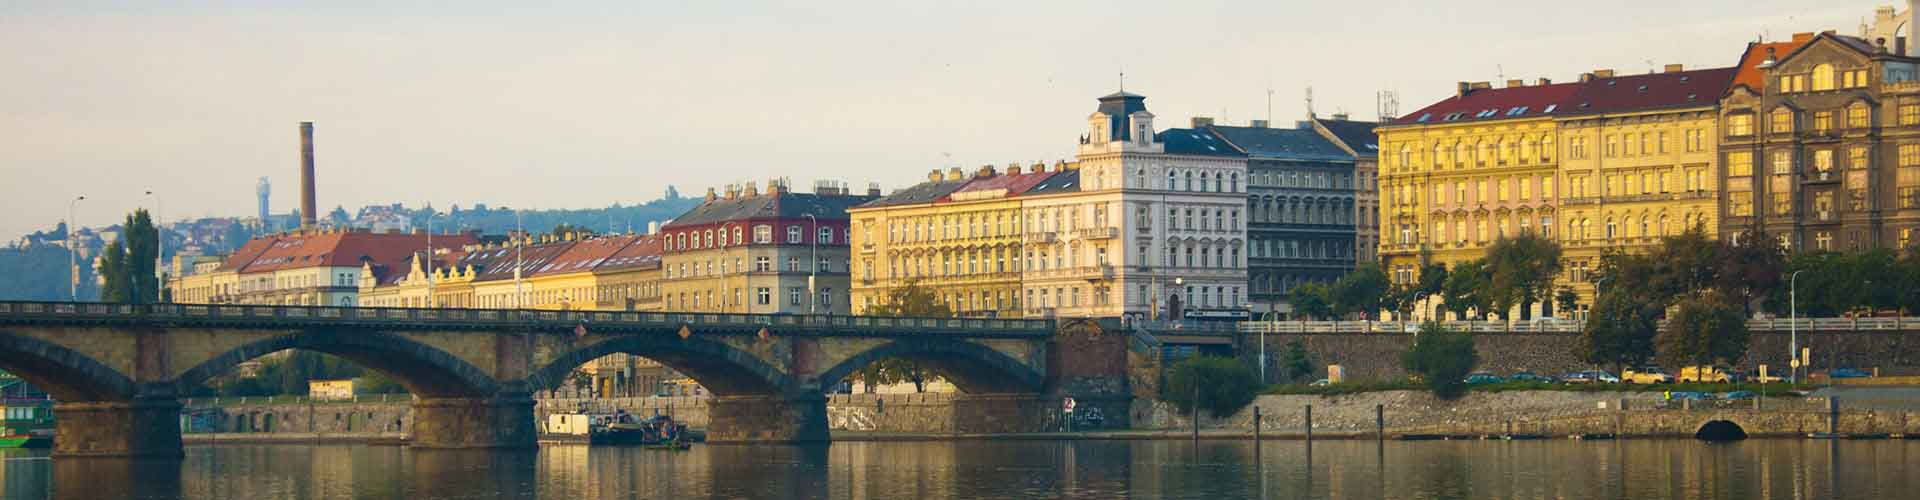 Praga - Campamentos en el distrito Praga 2. Mapas de Praga, Fotos y comentarios de cada Campamento en Praga.